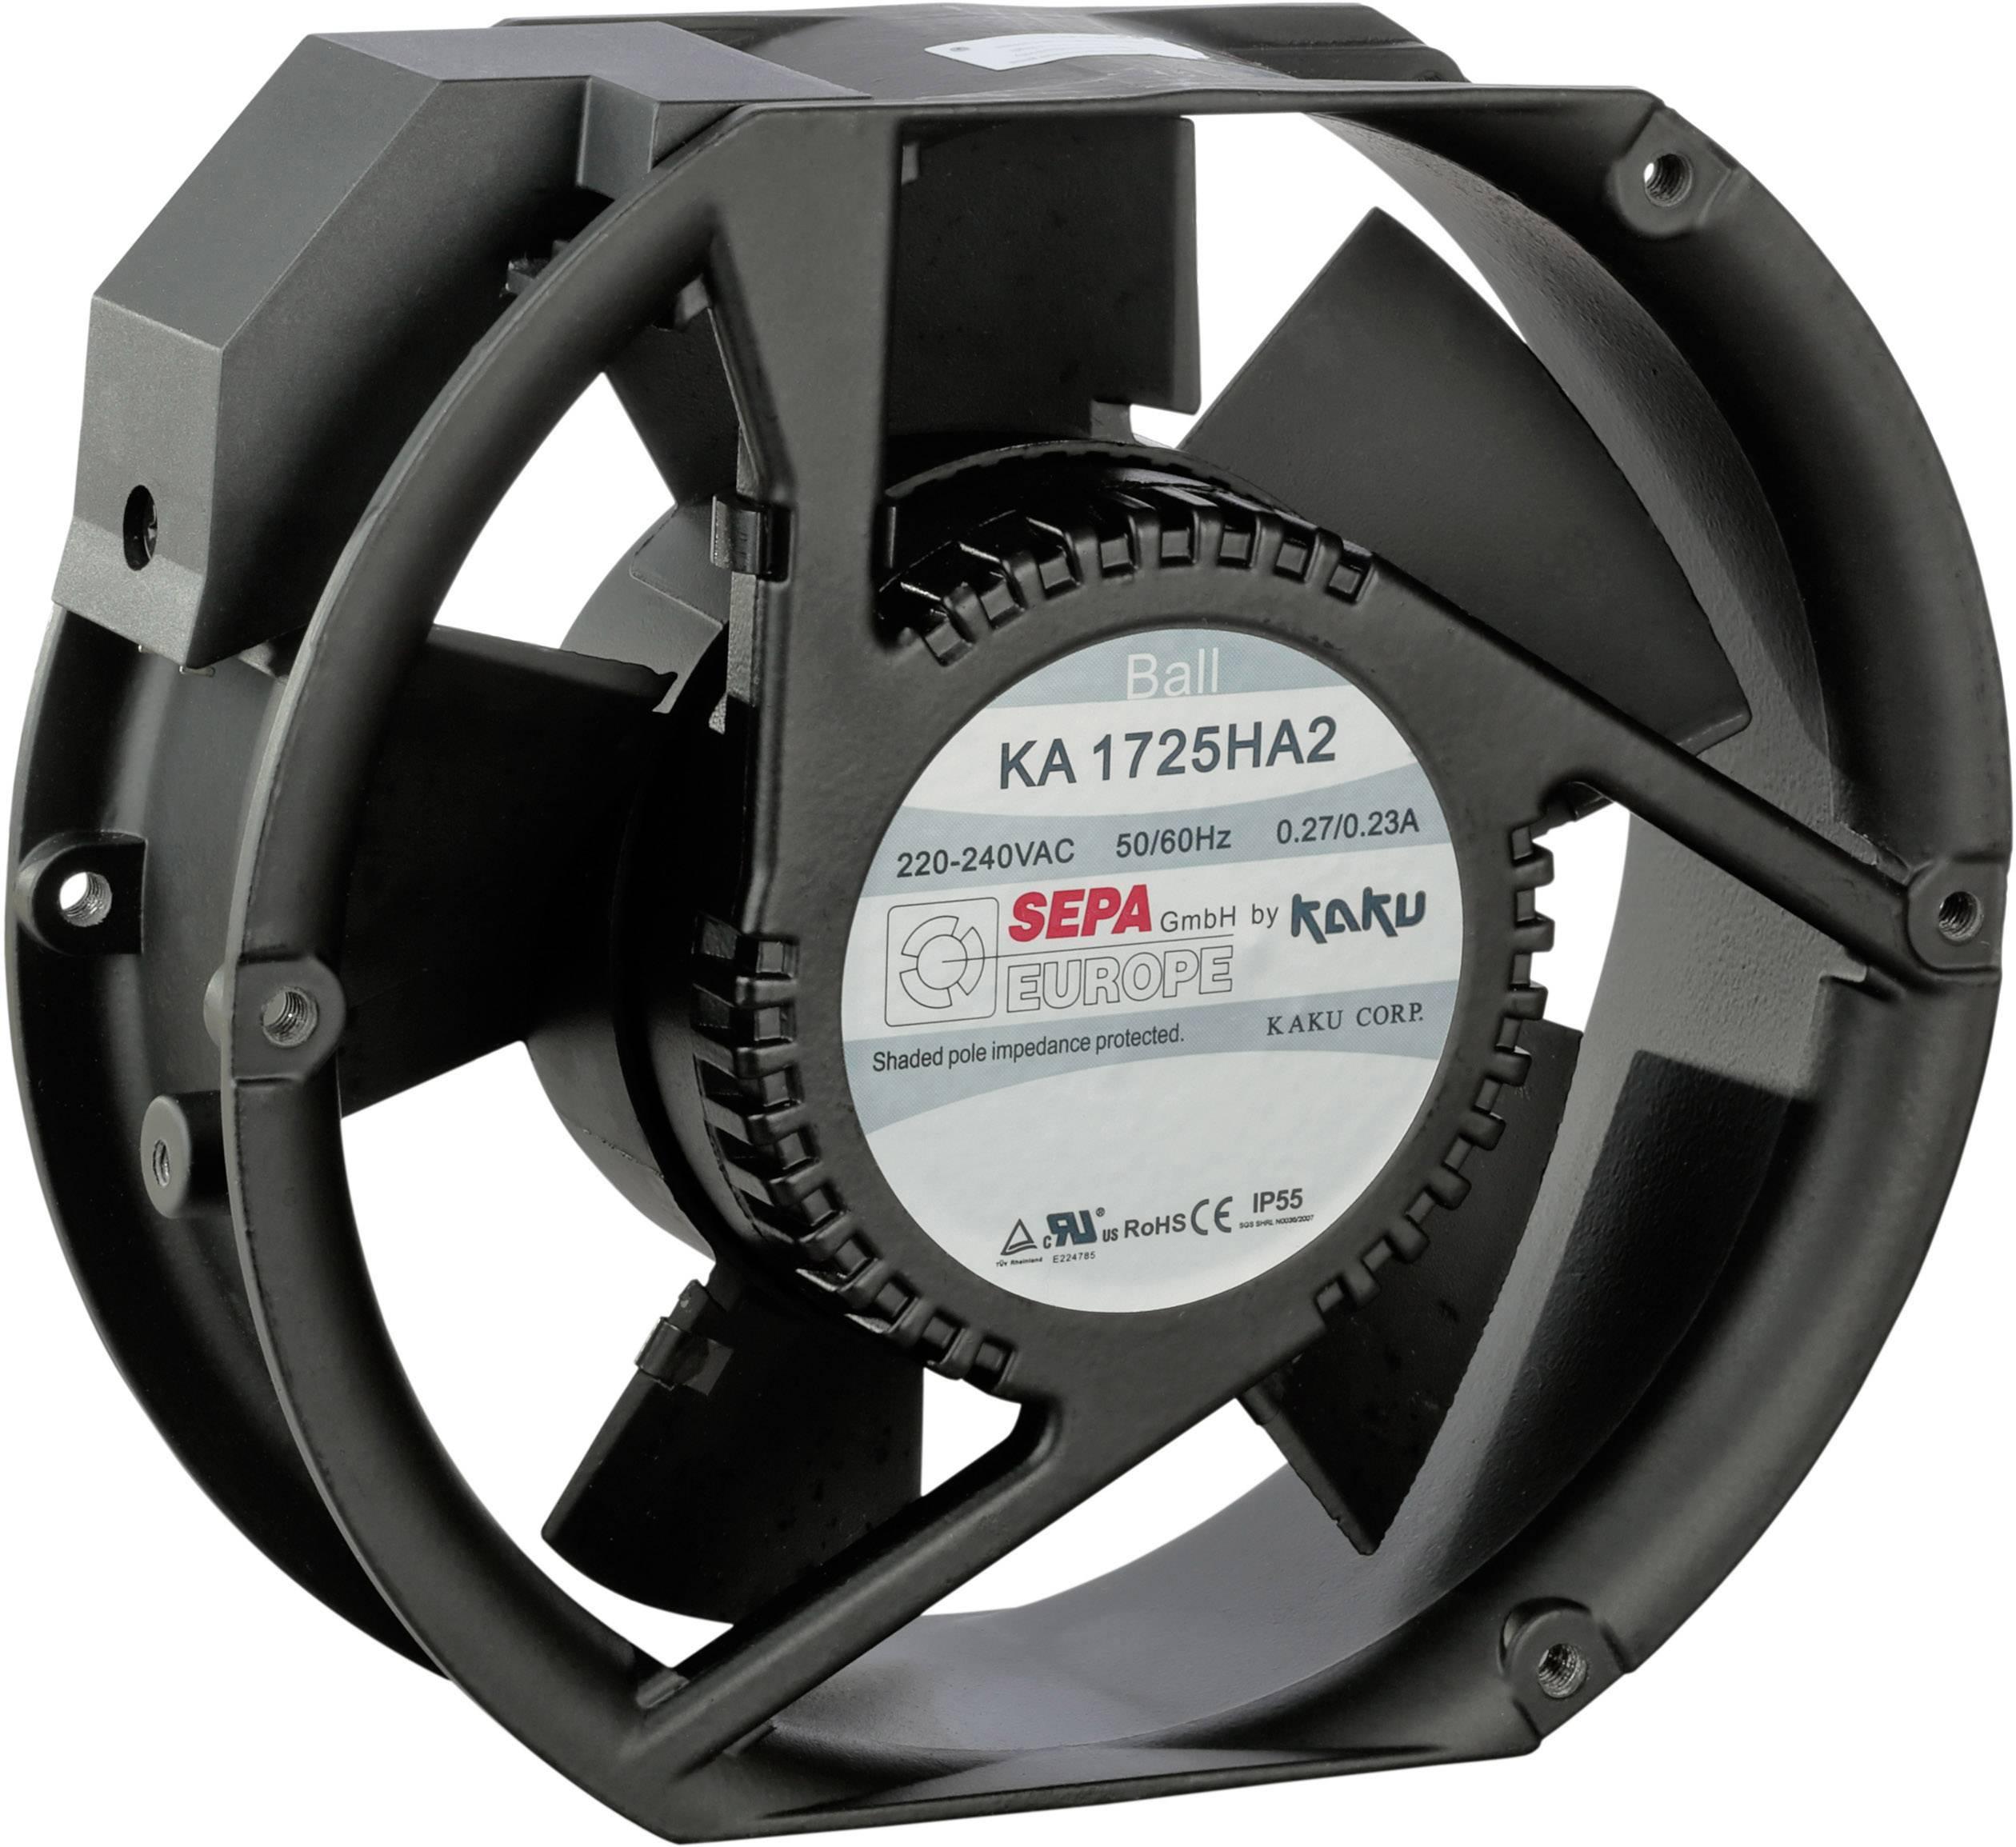 Axiálny ventilátor SEPA KA1725HA2BMT/Mg 861578403, 230 V/AC, 57 dB, (d x š x v) 173 x 150 x 51 mm